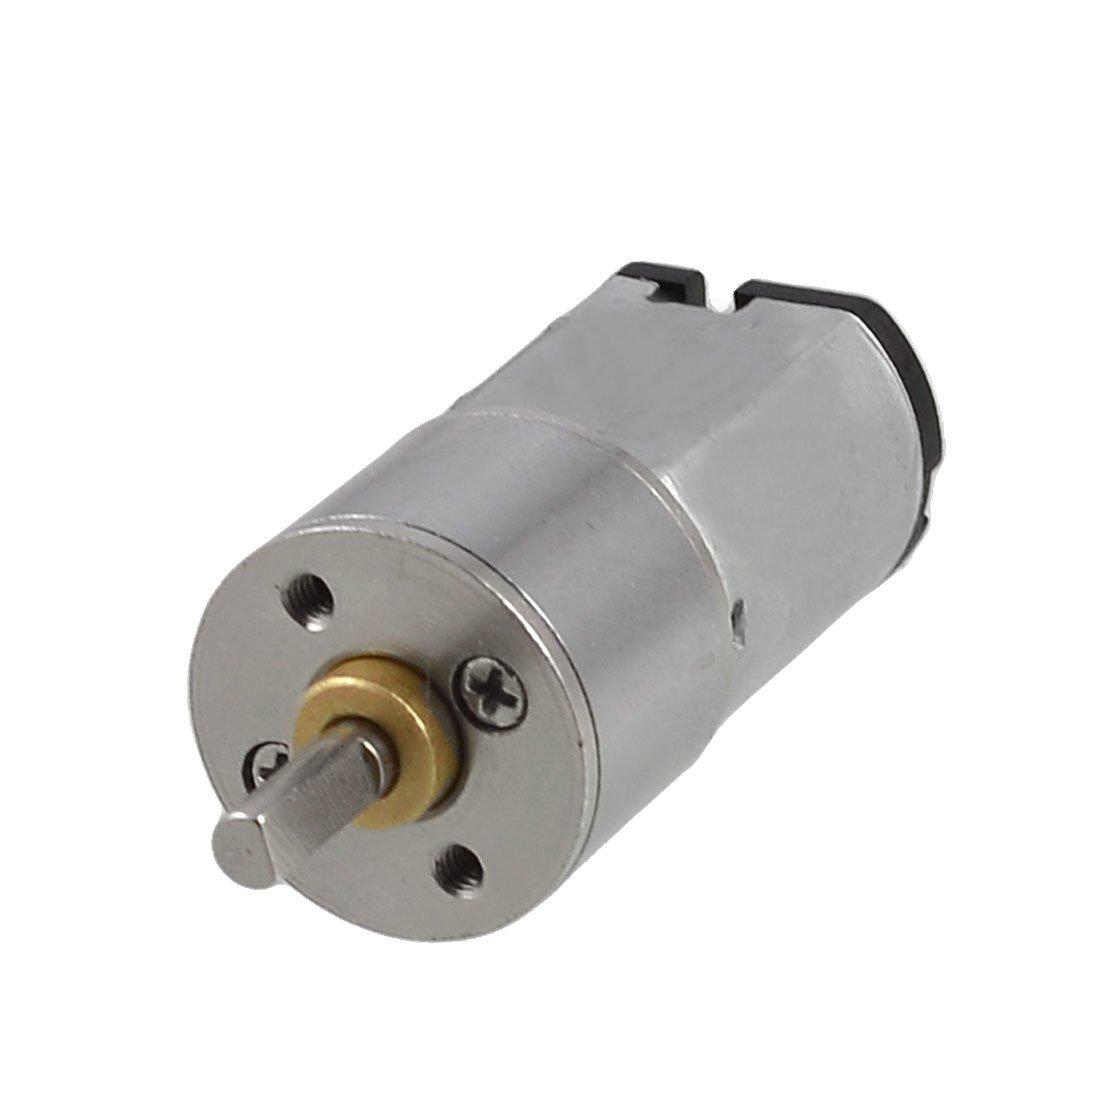 3 mm Dia Tige/DC 6V 1000RPM 0.4A Maks moteur électrique